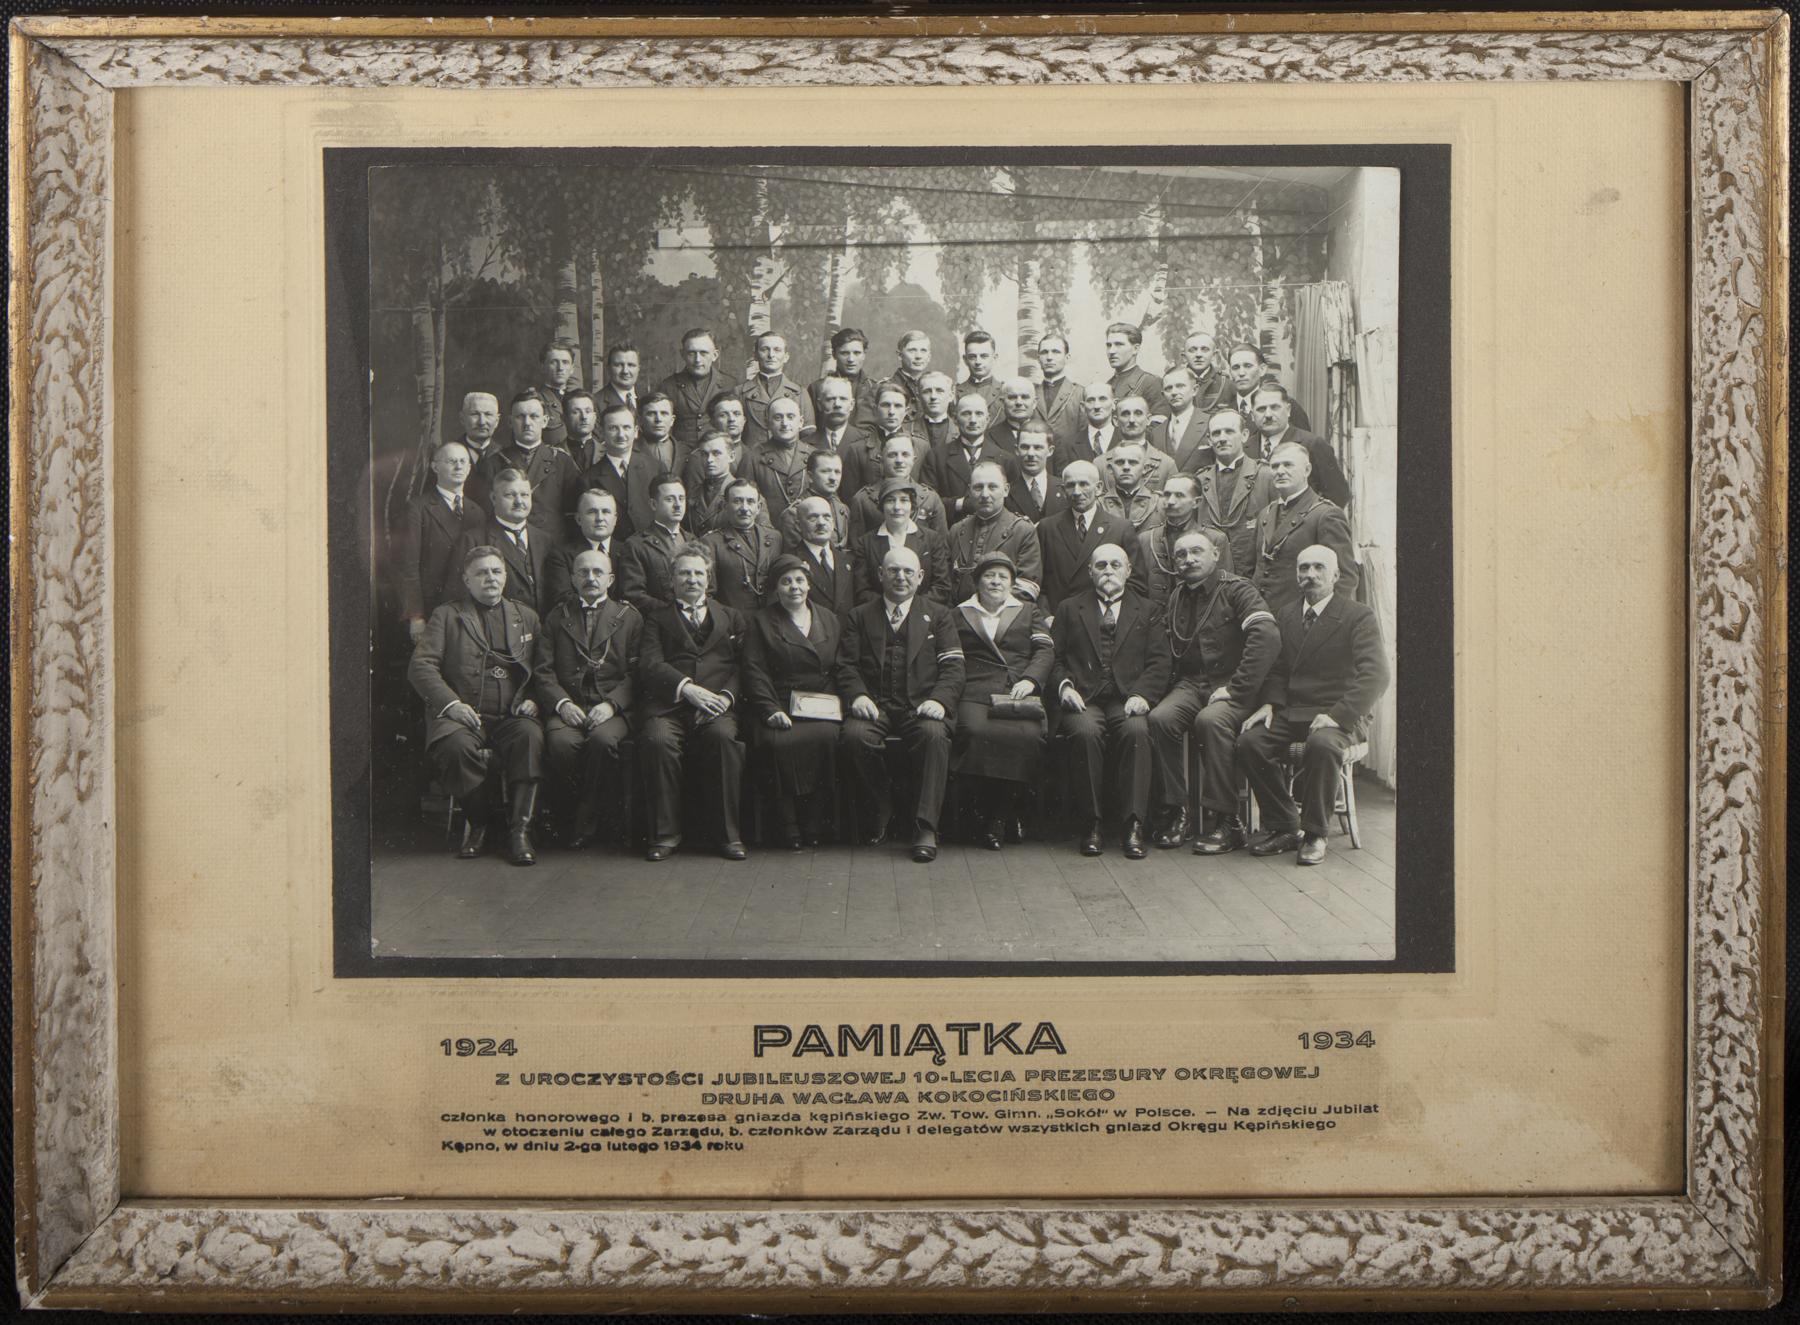 Pamiątka z uroczystości jubileuszowej X-lecia prezesury okręgowej druha Wacława Kokocińskiego